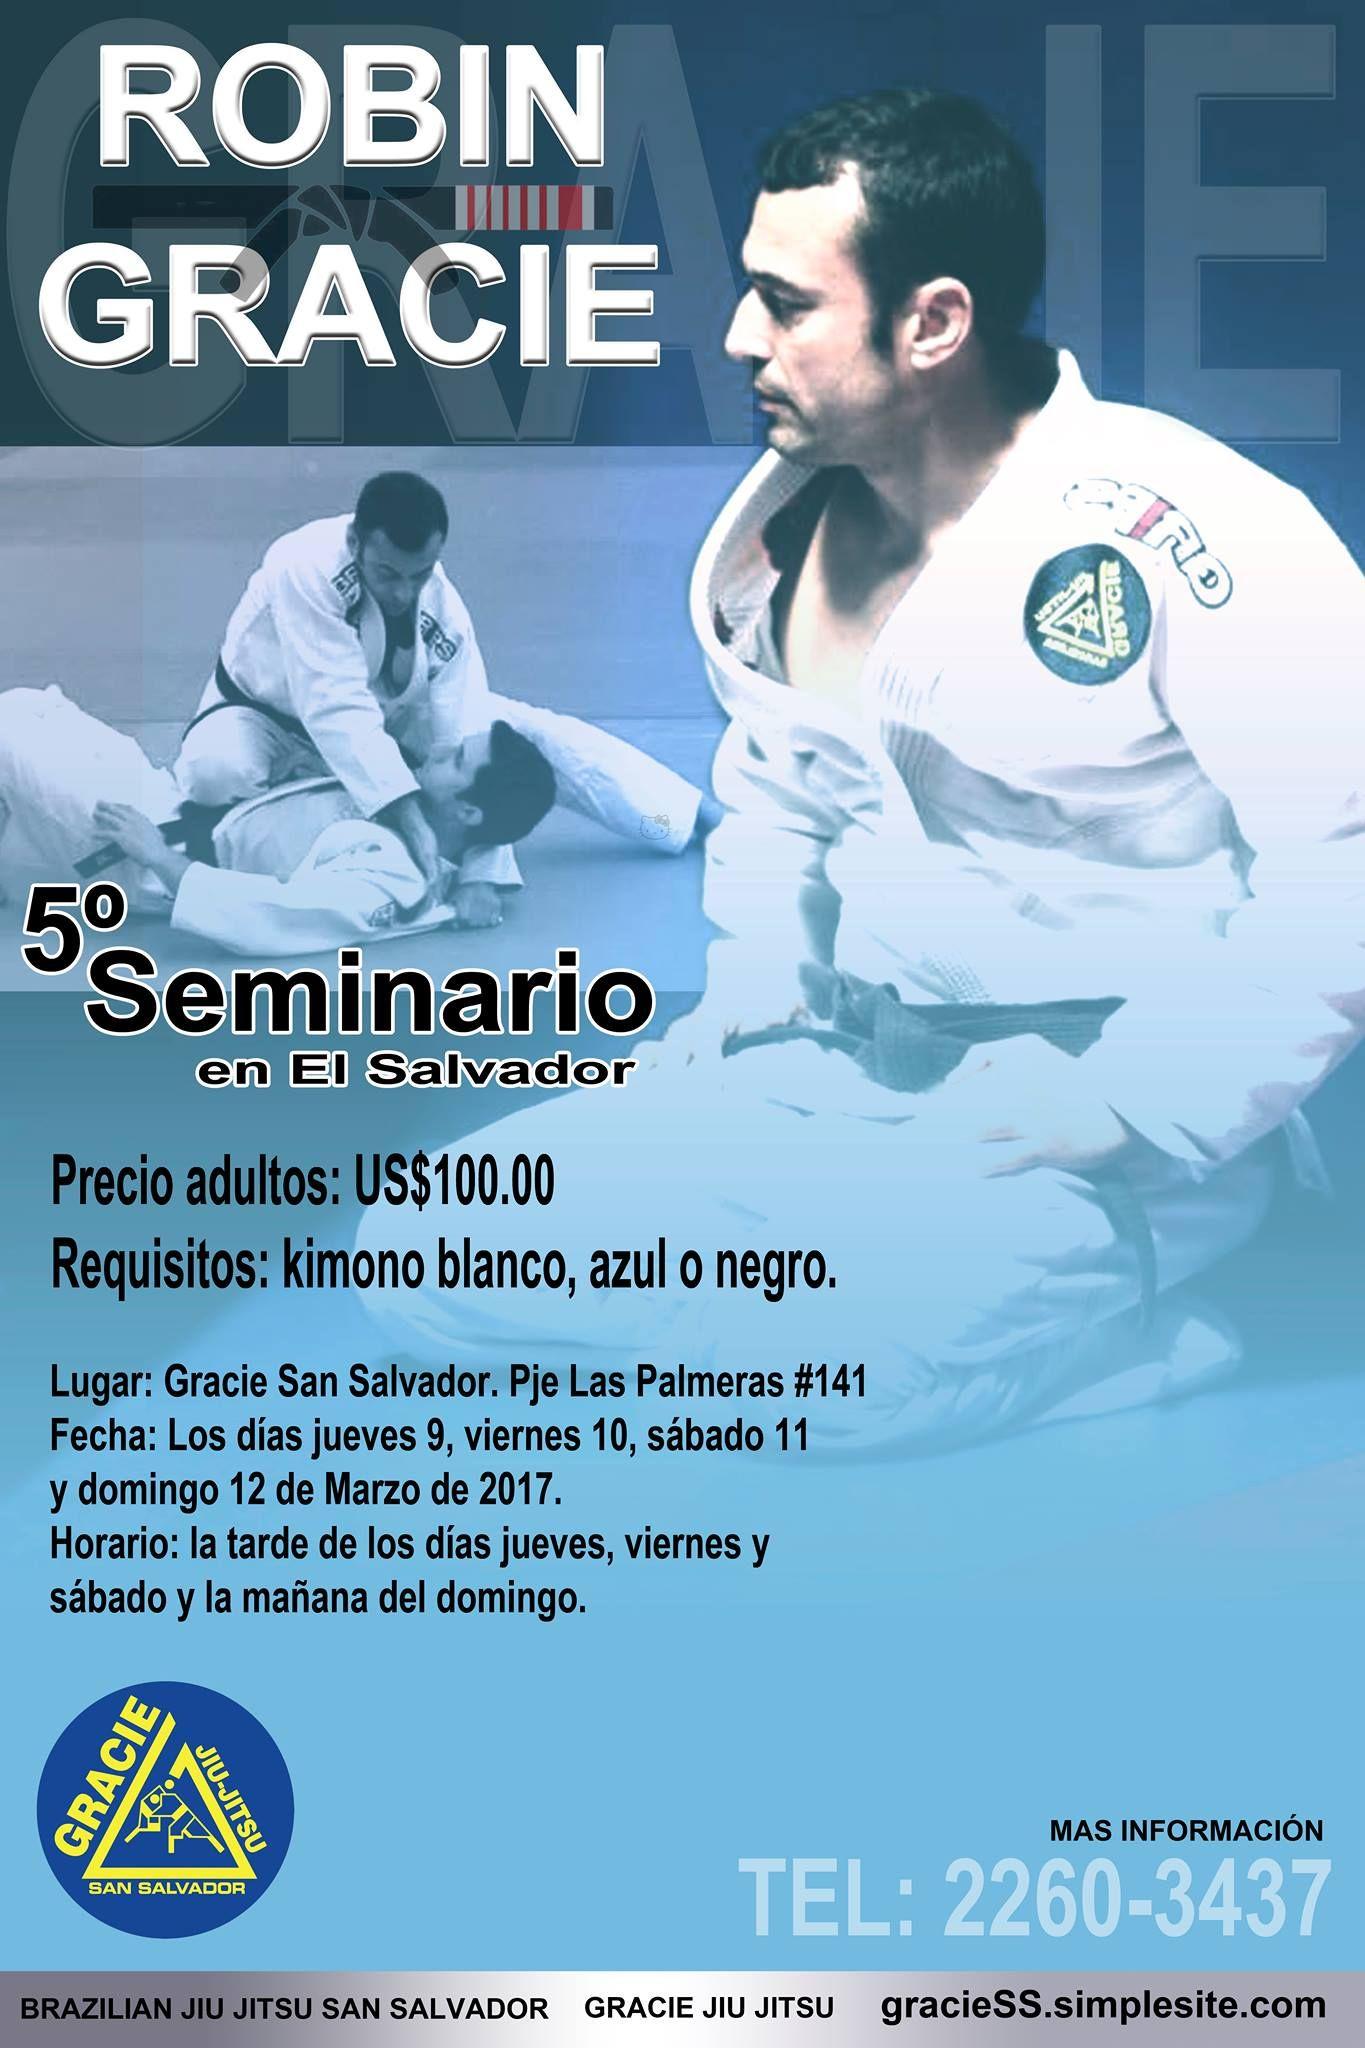 Seminario de Robin Gracie en El Salvador, 2017